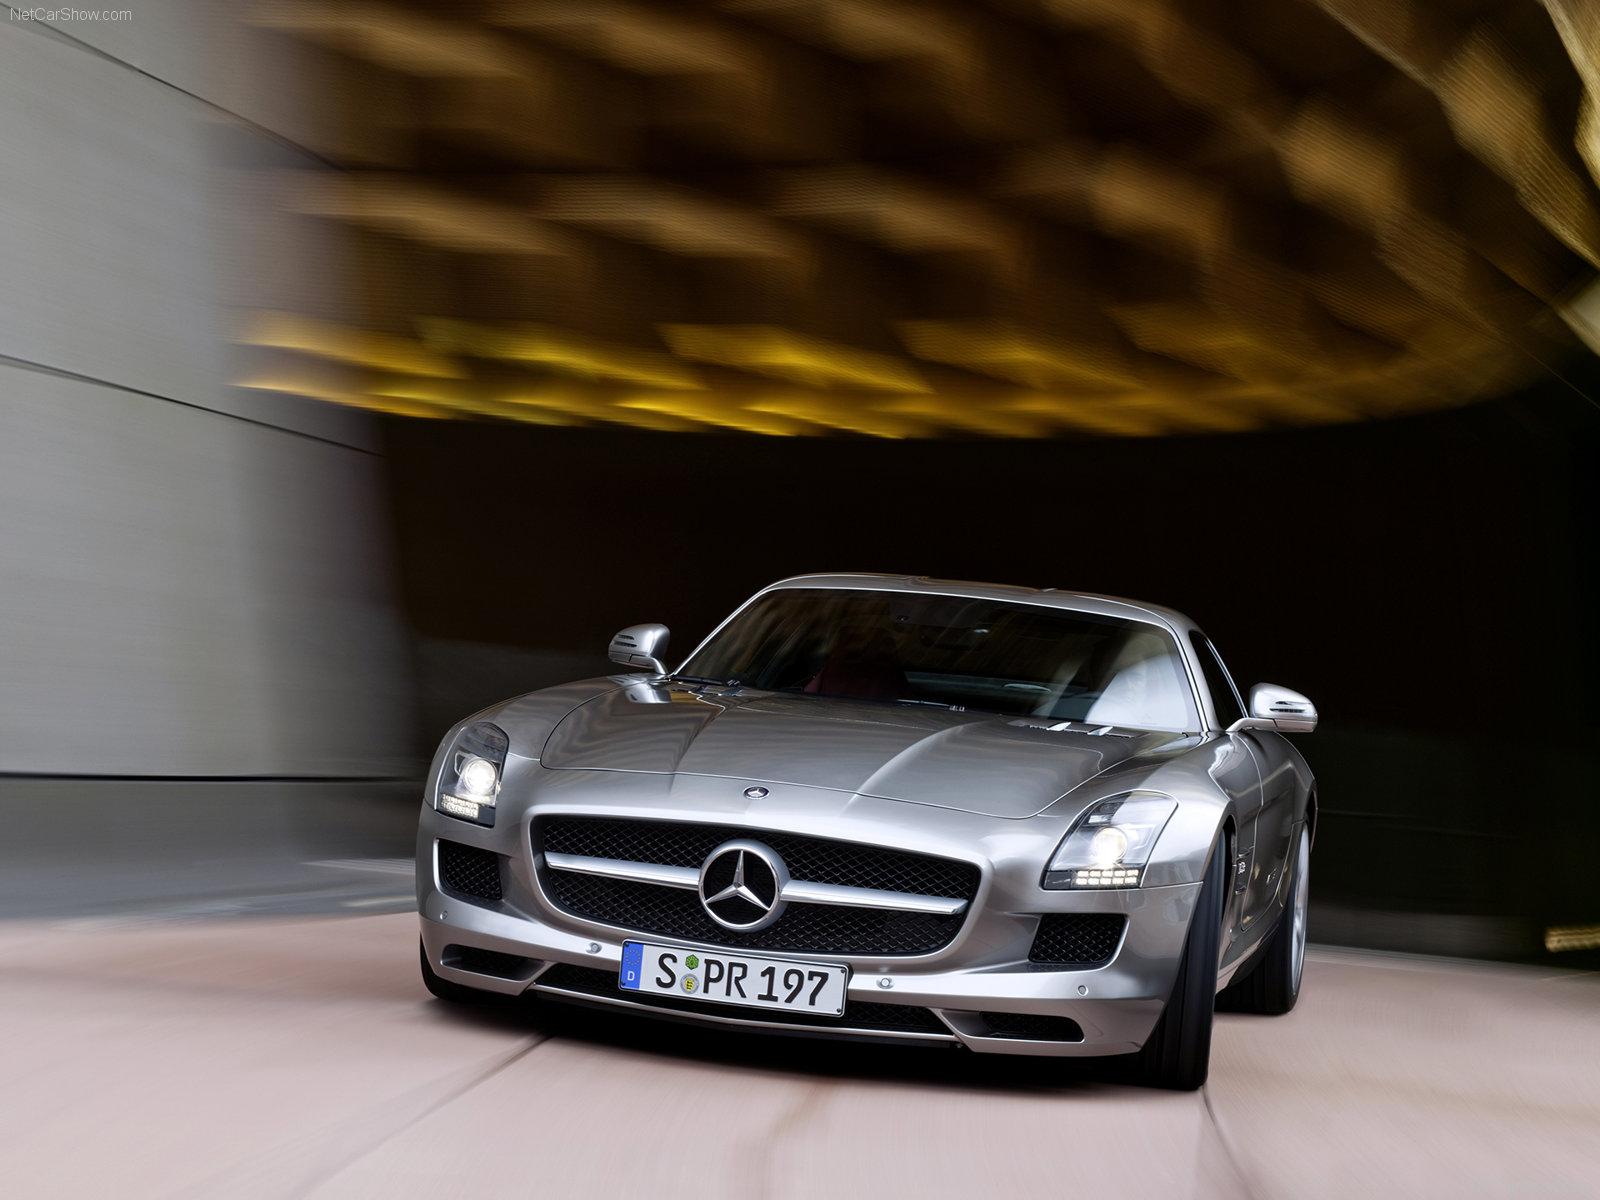 http://4.bp.blogspot.com/_hvY69lC58qs/S9nkyO7Ma5I/AAAAAAAAAGU/mfXvIj-ocEA/s1600/Mercedes-Benz-SLS_AMG_2011_1600x1200_wallpaper_08.jpg